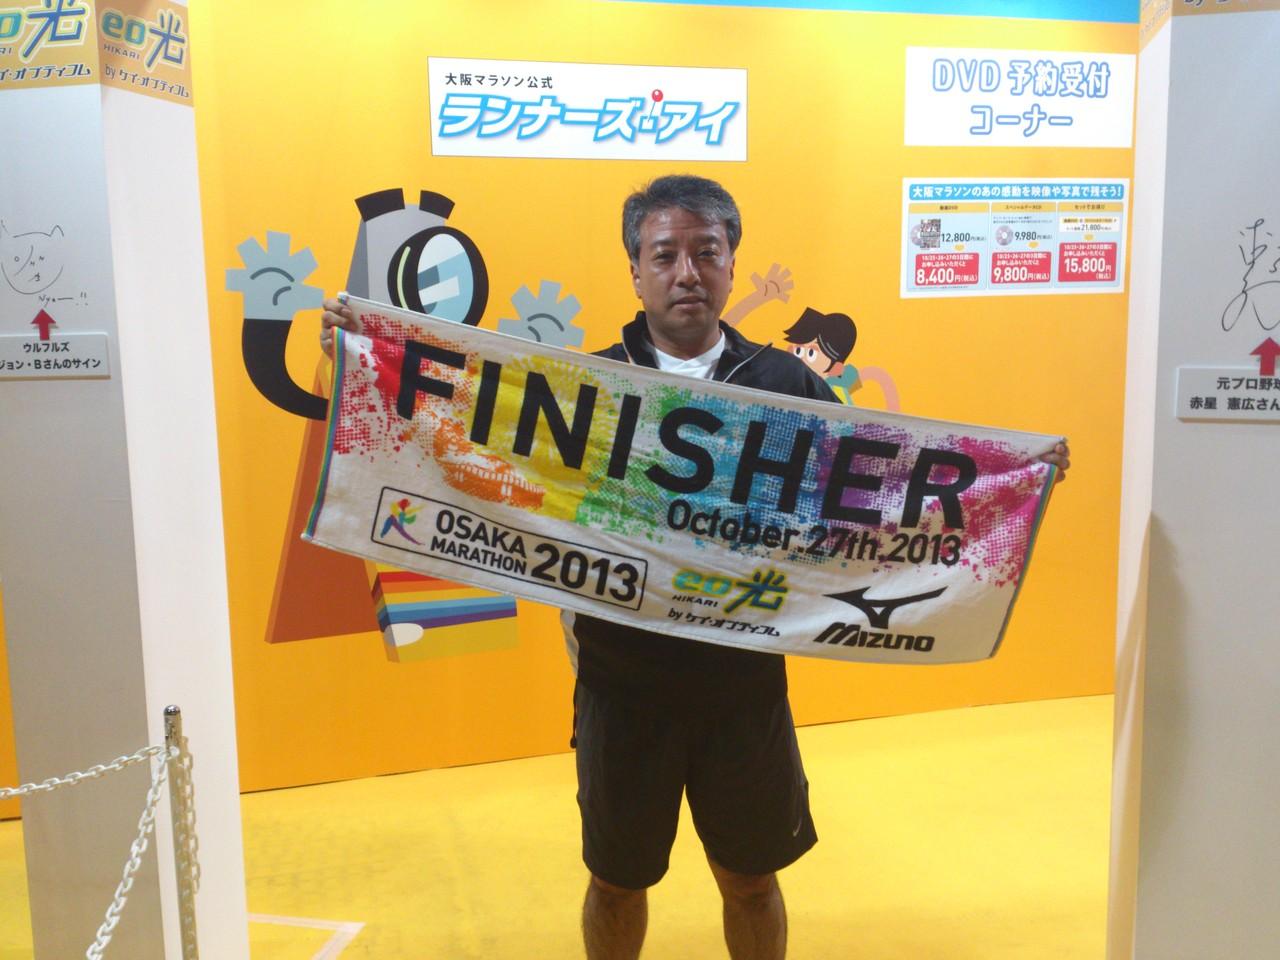 大阪マラソン、 42.195km (4時間37分11秒) 完走者のみが得られる1ショット。